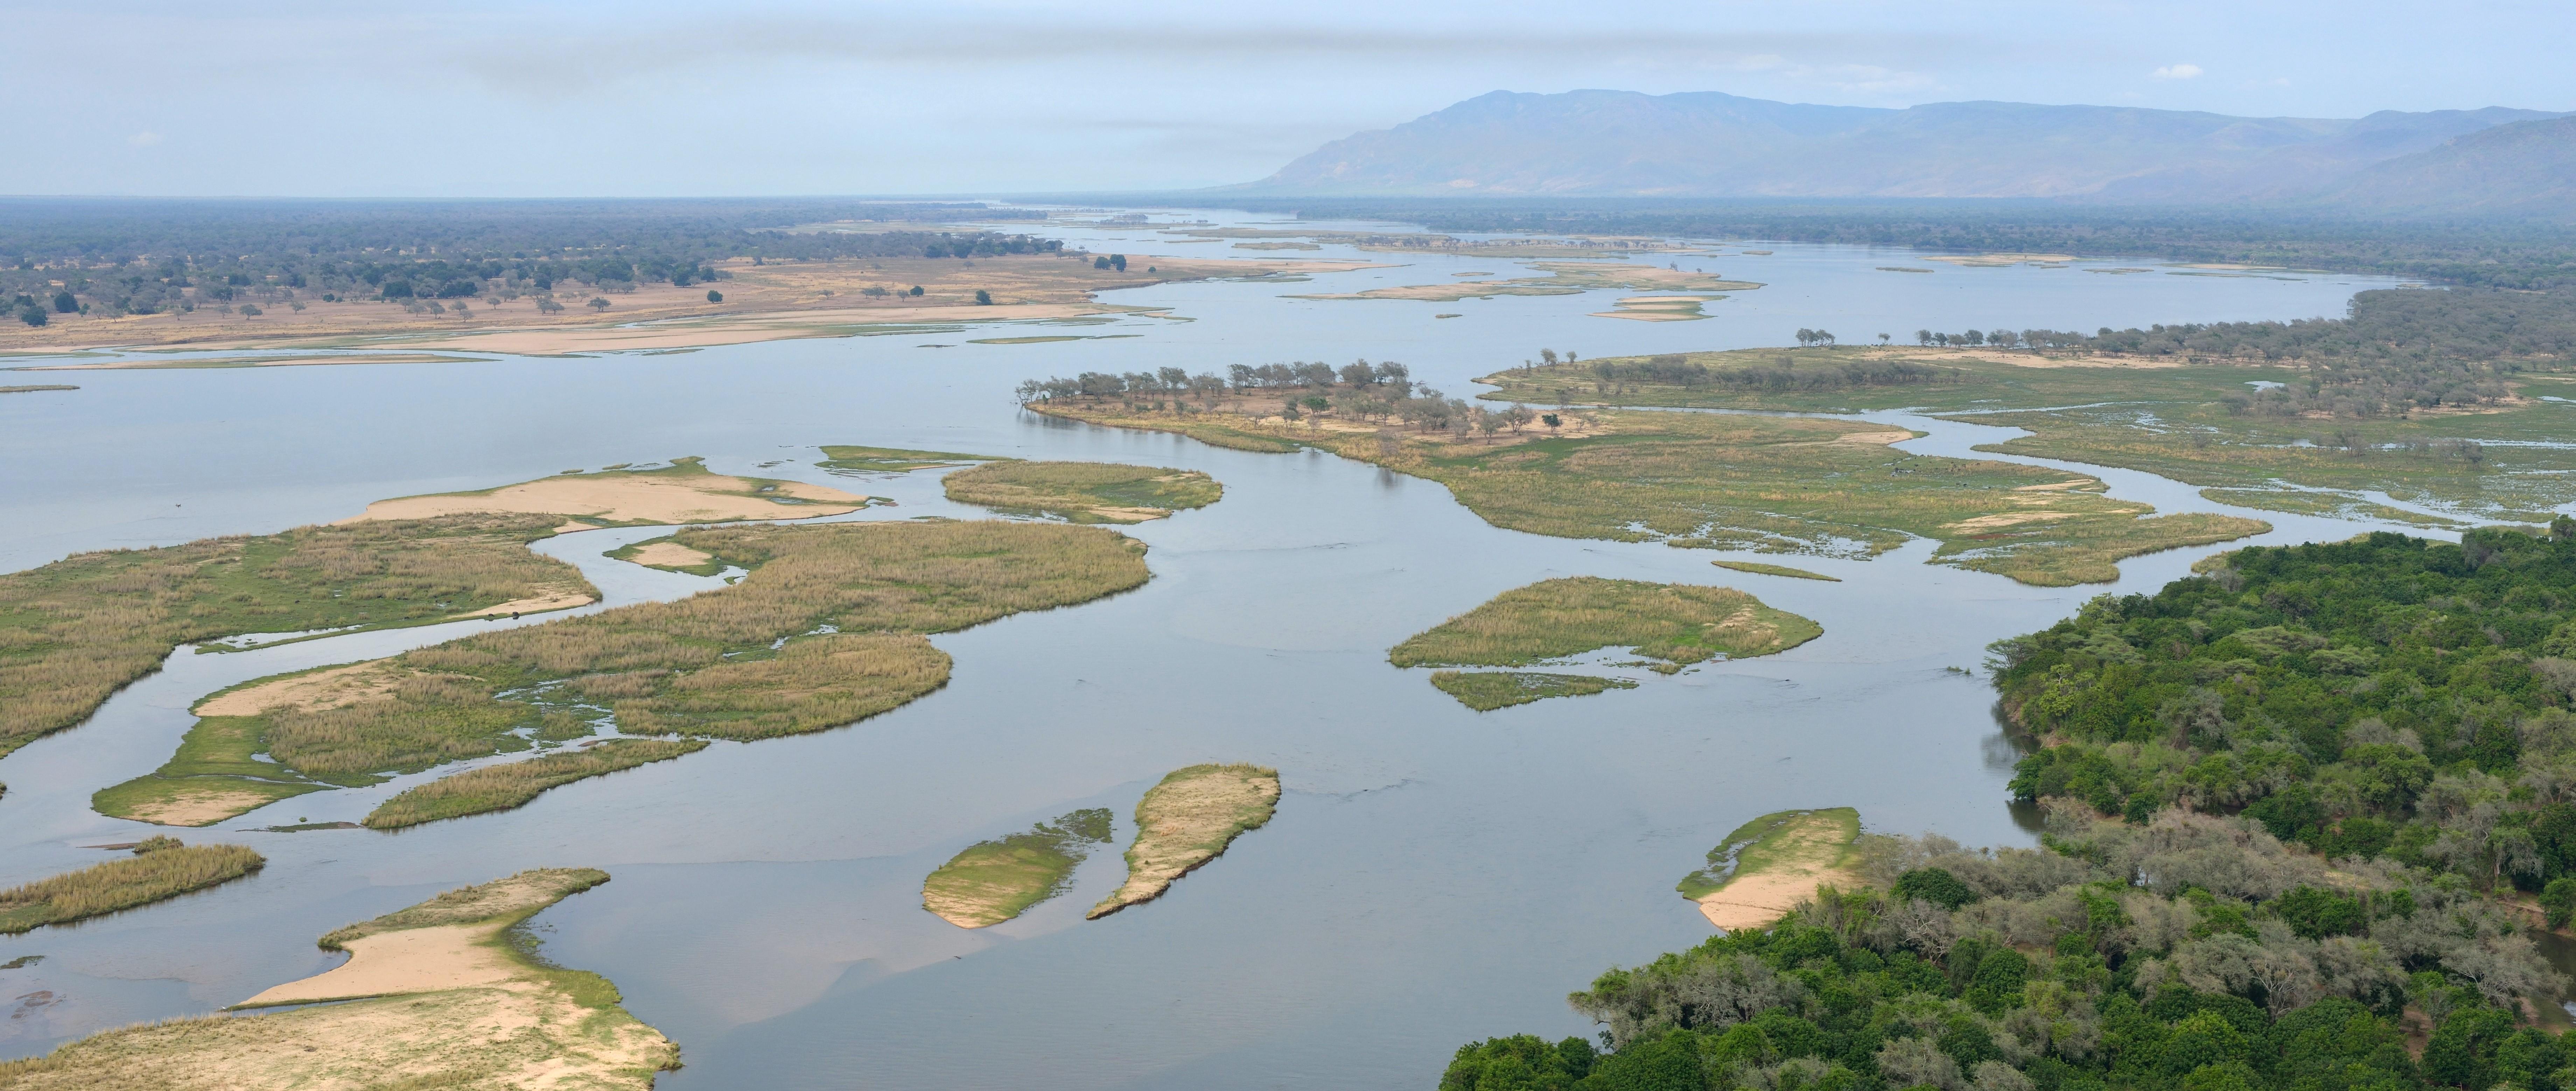 lower-zambezi-aerial-view